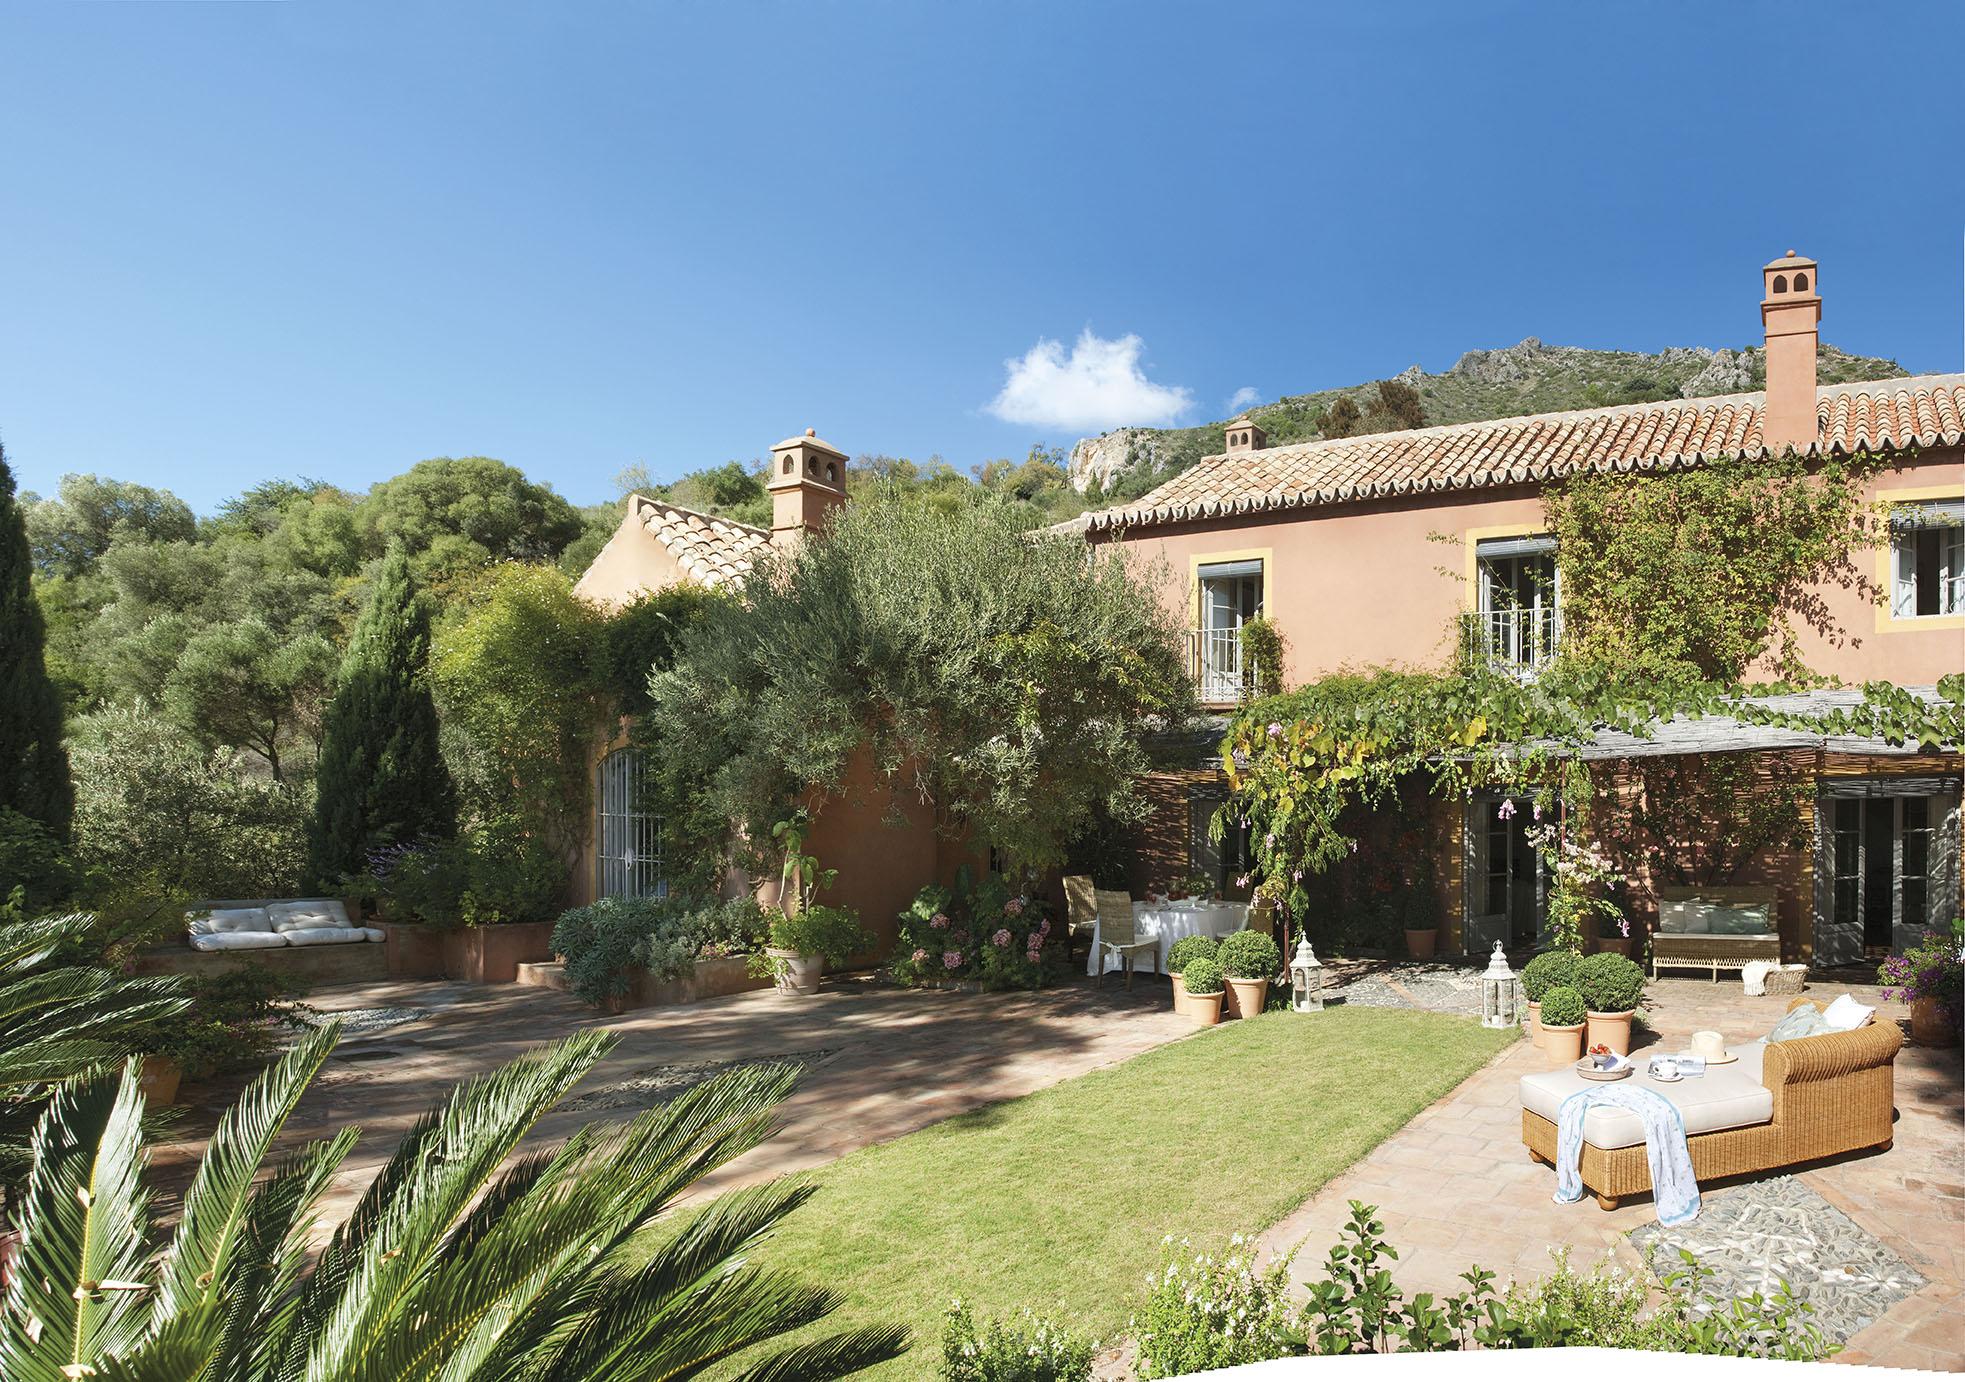 Decoraci n cl sica en una casa andaluza - Fachadas de casas rusticas andaluzas ...